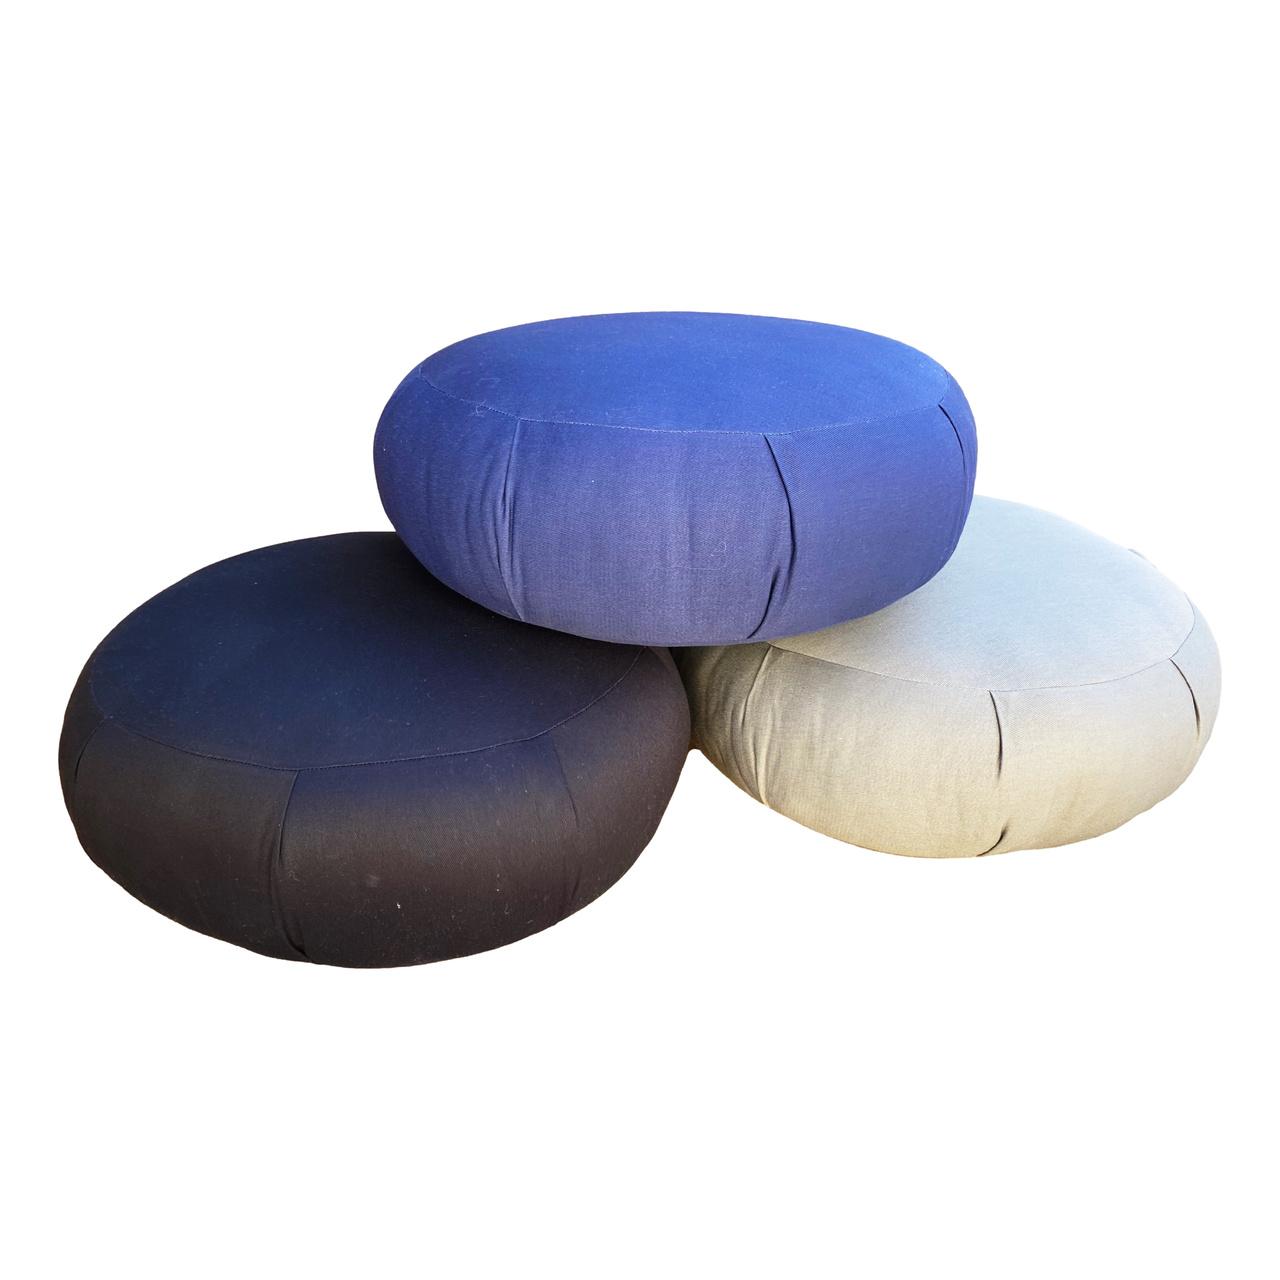 Zafu Biofuton - Almofada para Meditação - Grande 47cm